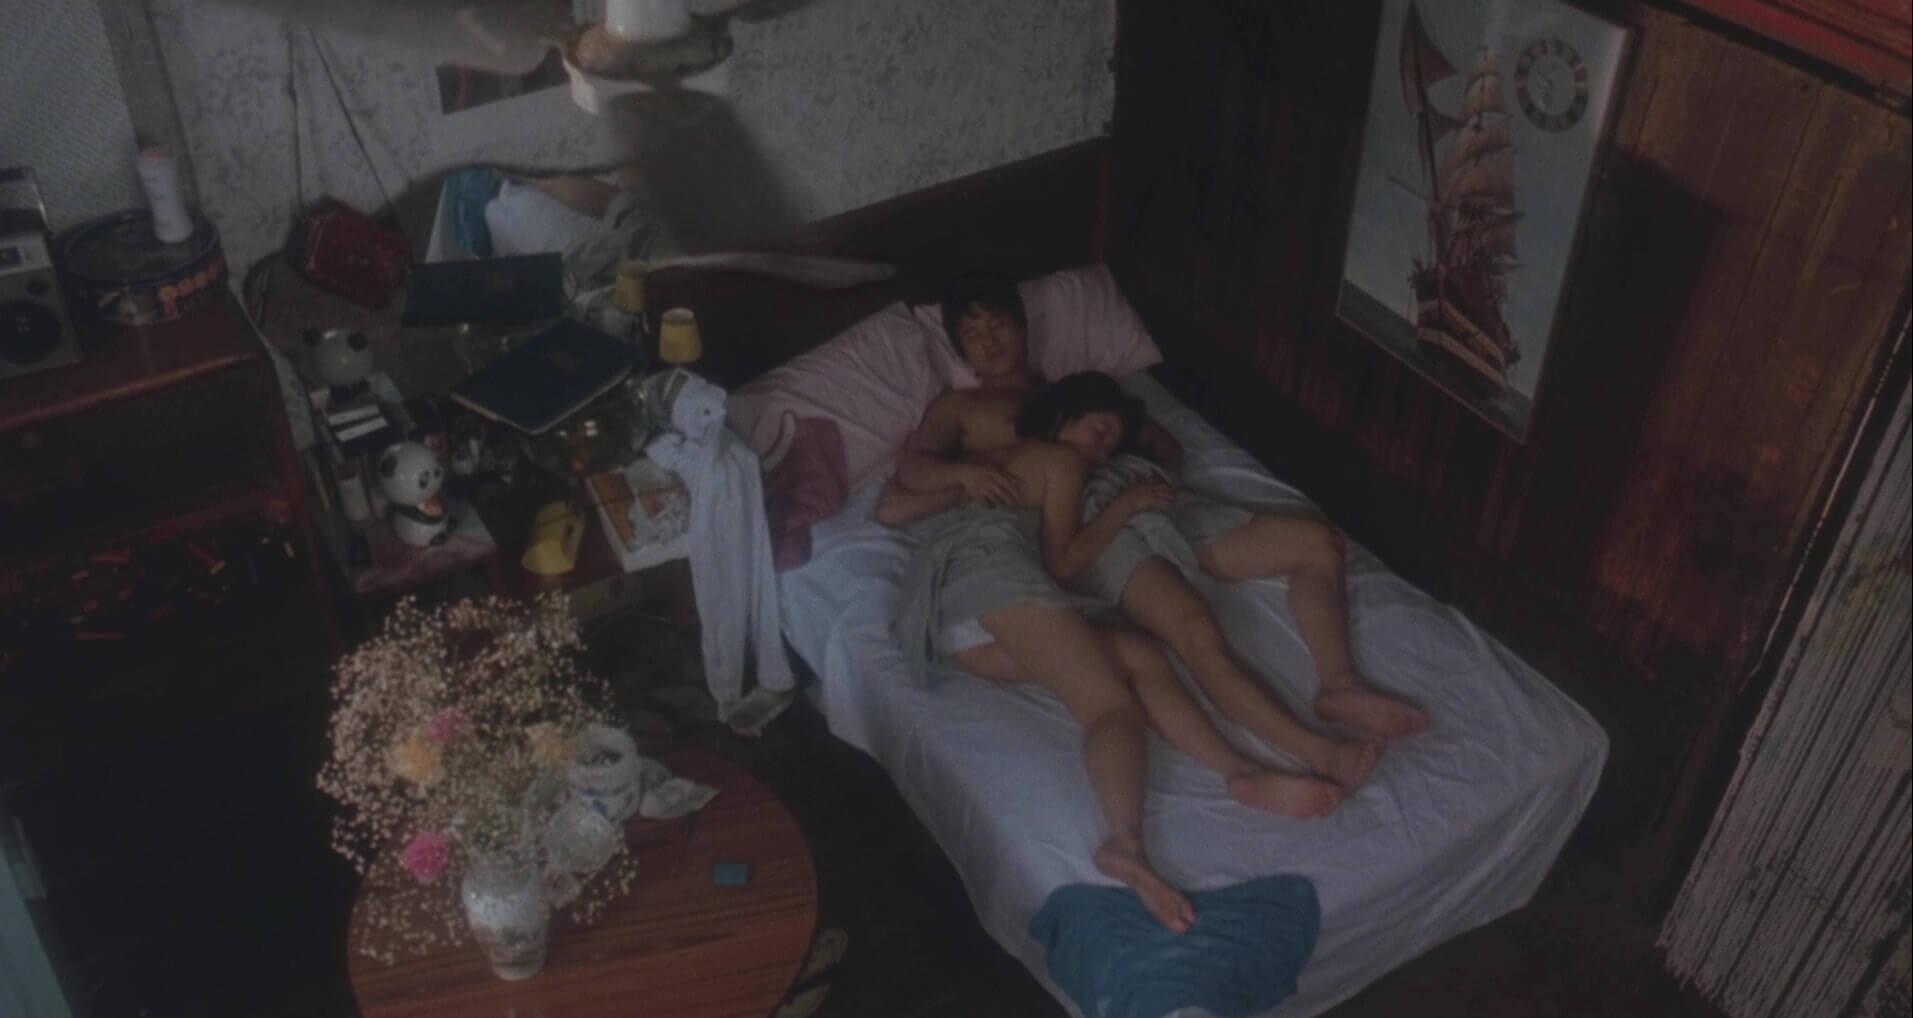 鍾楚紅在電影《男與女》有破格演出(電影截圖)